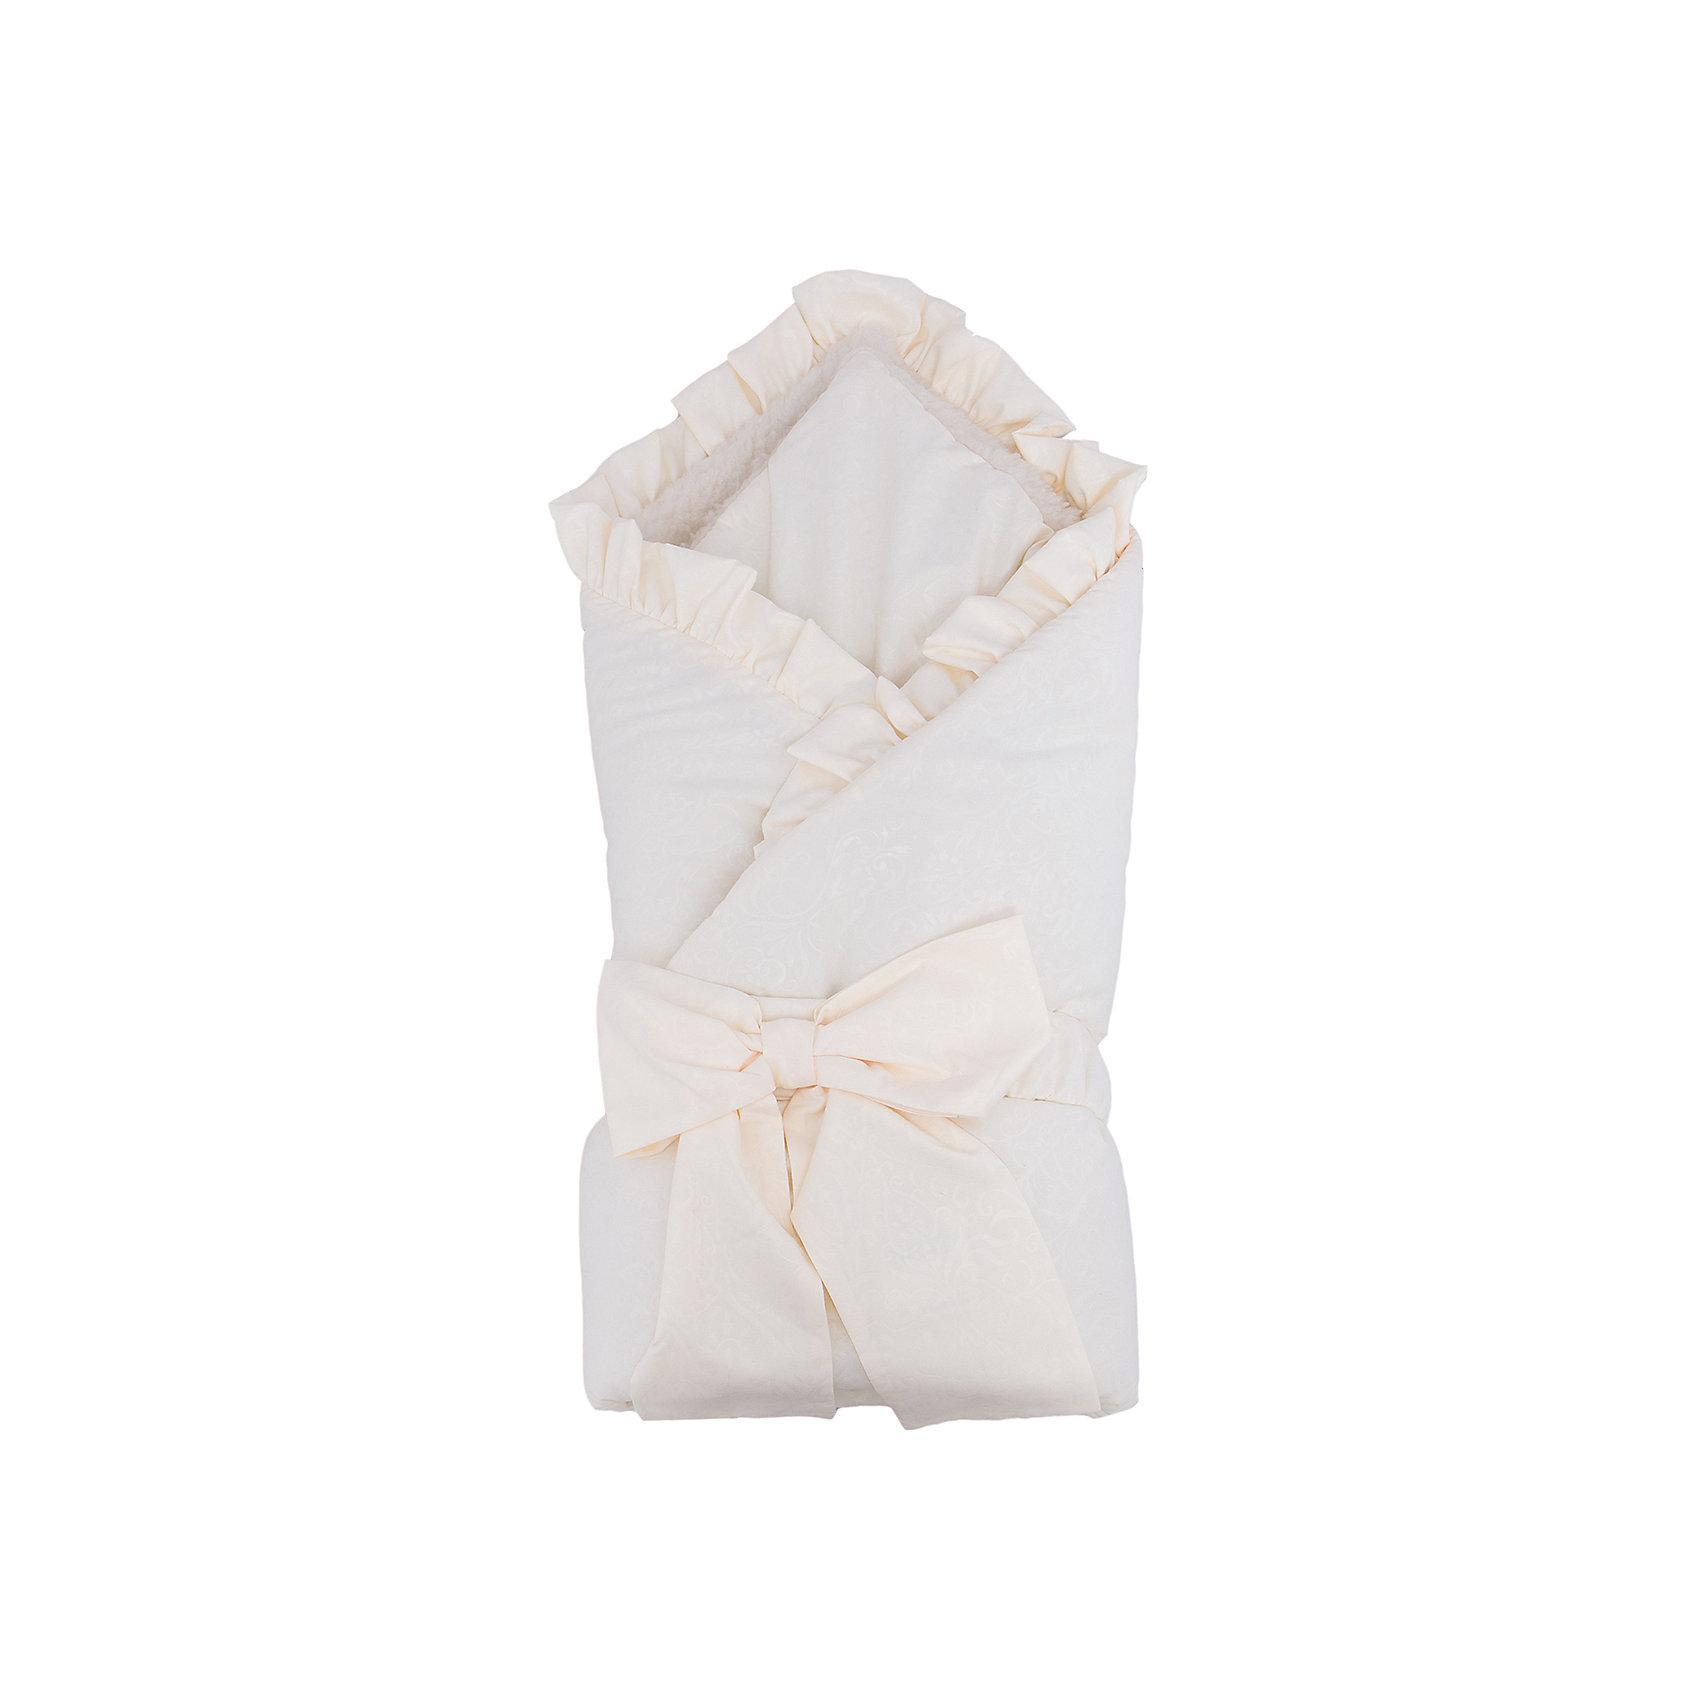 Конверт-одеяло Ваниль, мех, Сонный гномик, бежевый